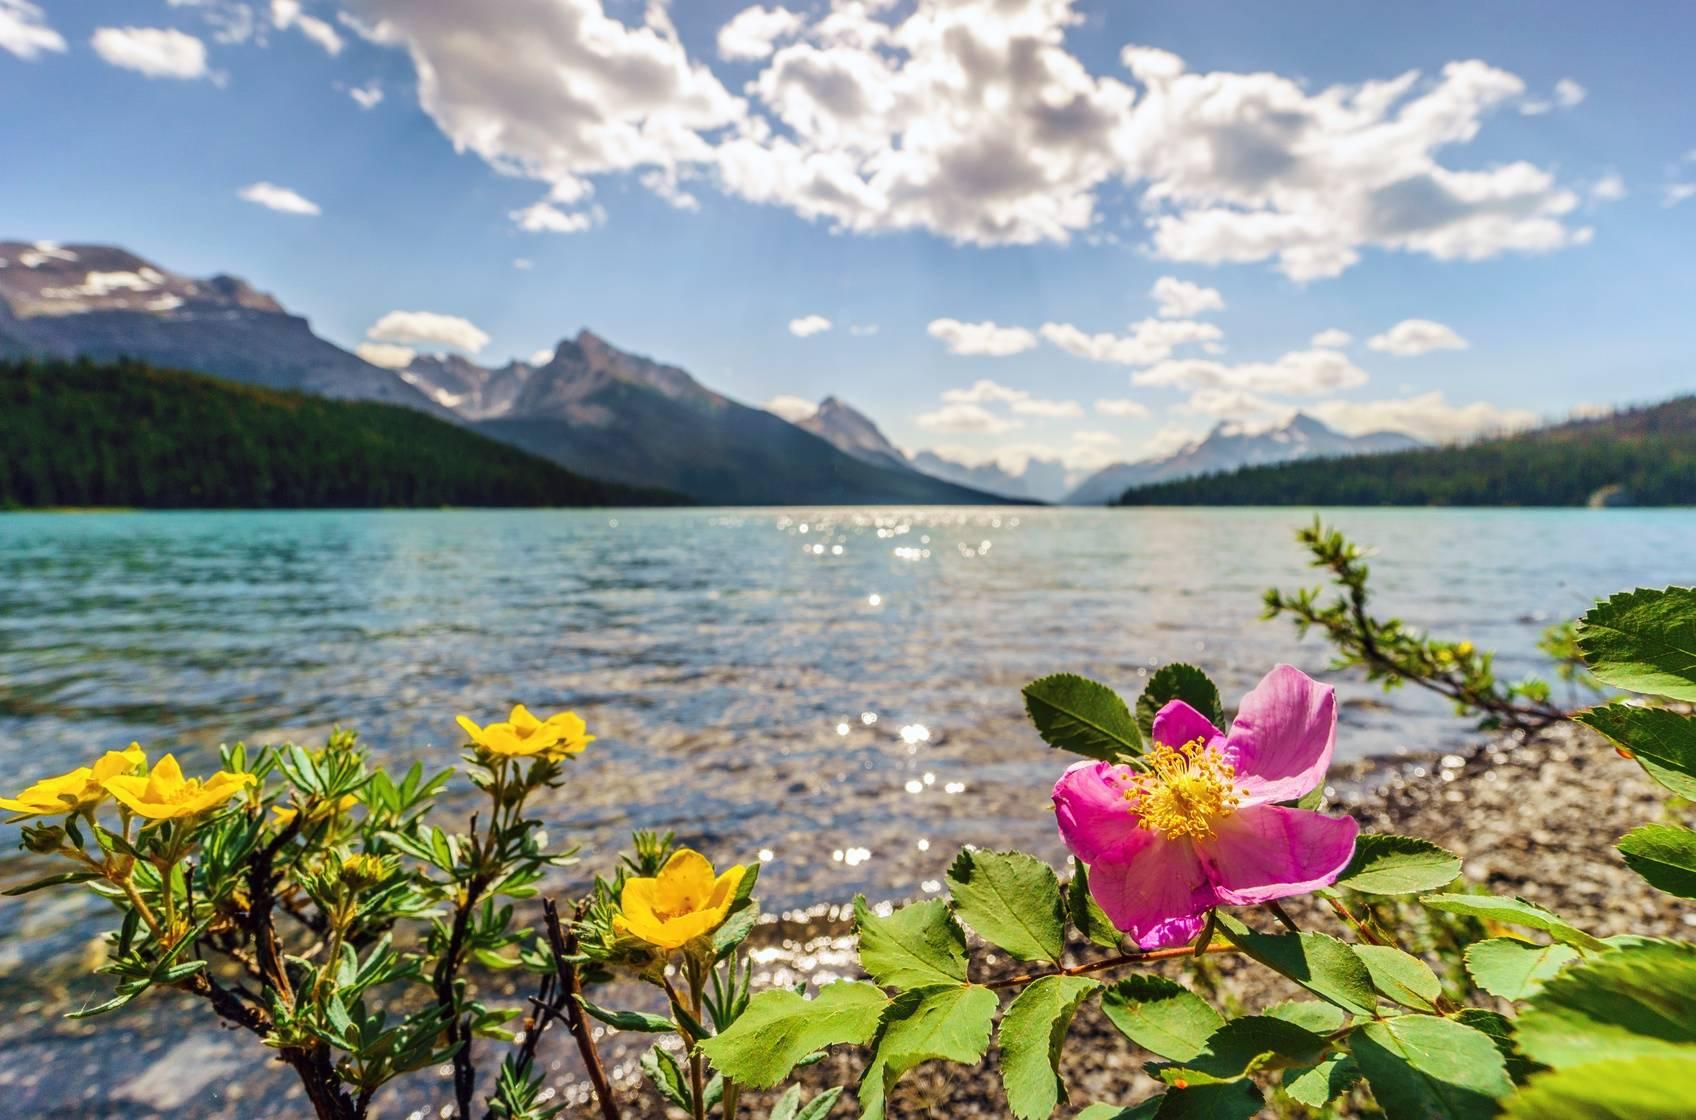 Dzika róża kwitnąca nad brzegiem górskiego jeziora.